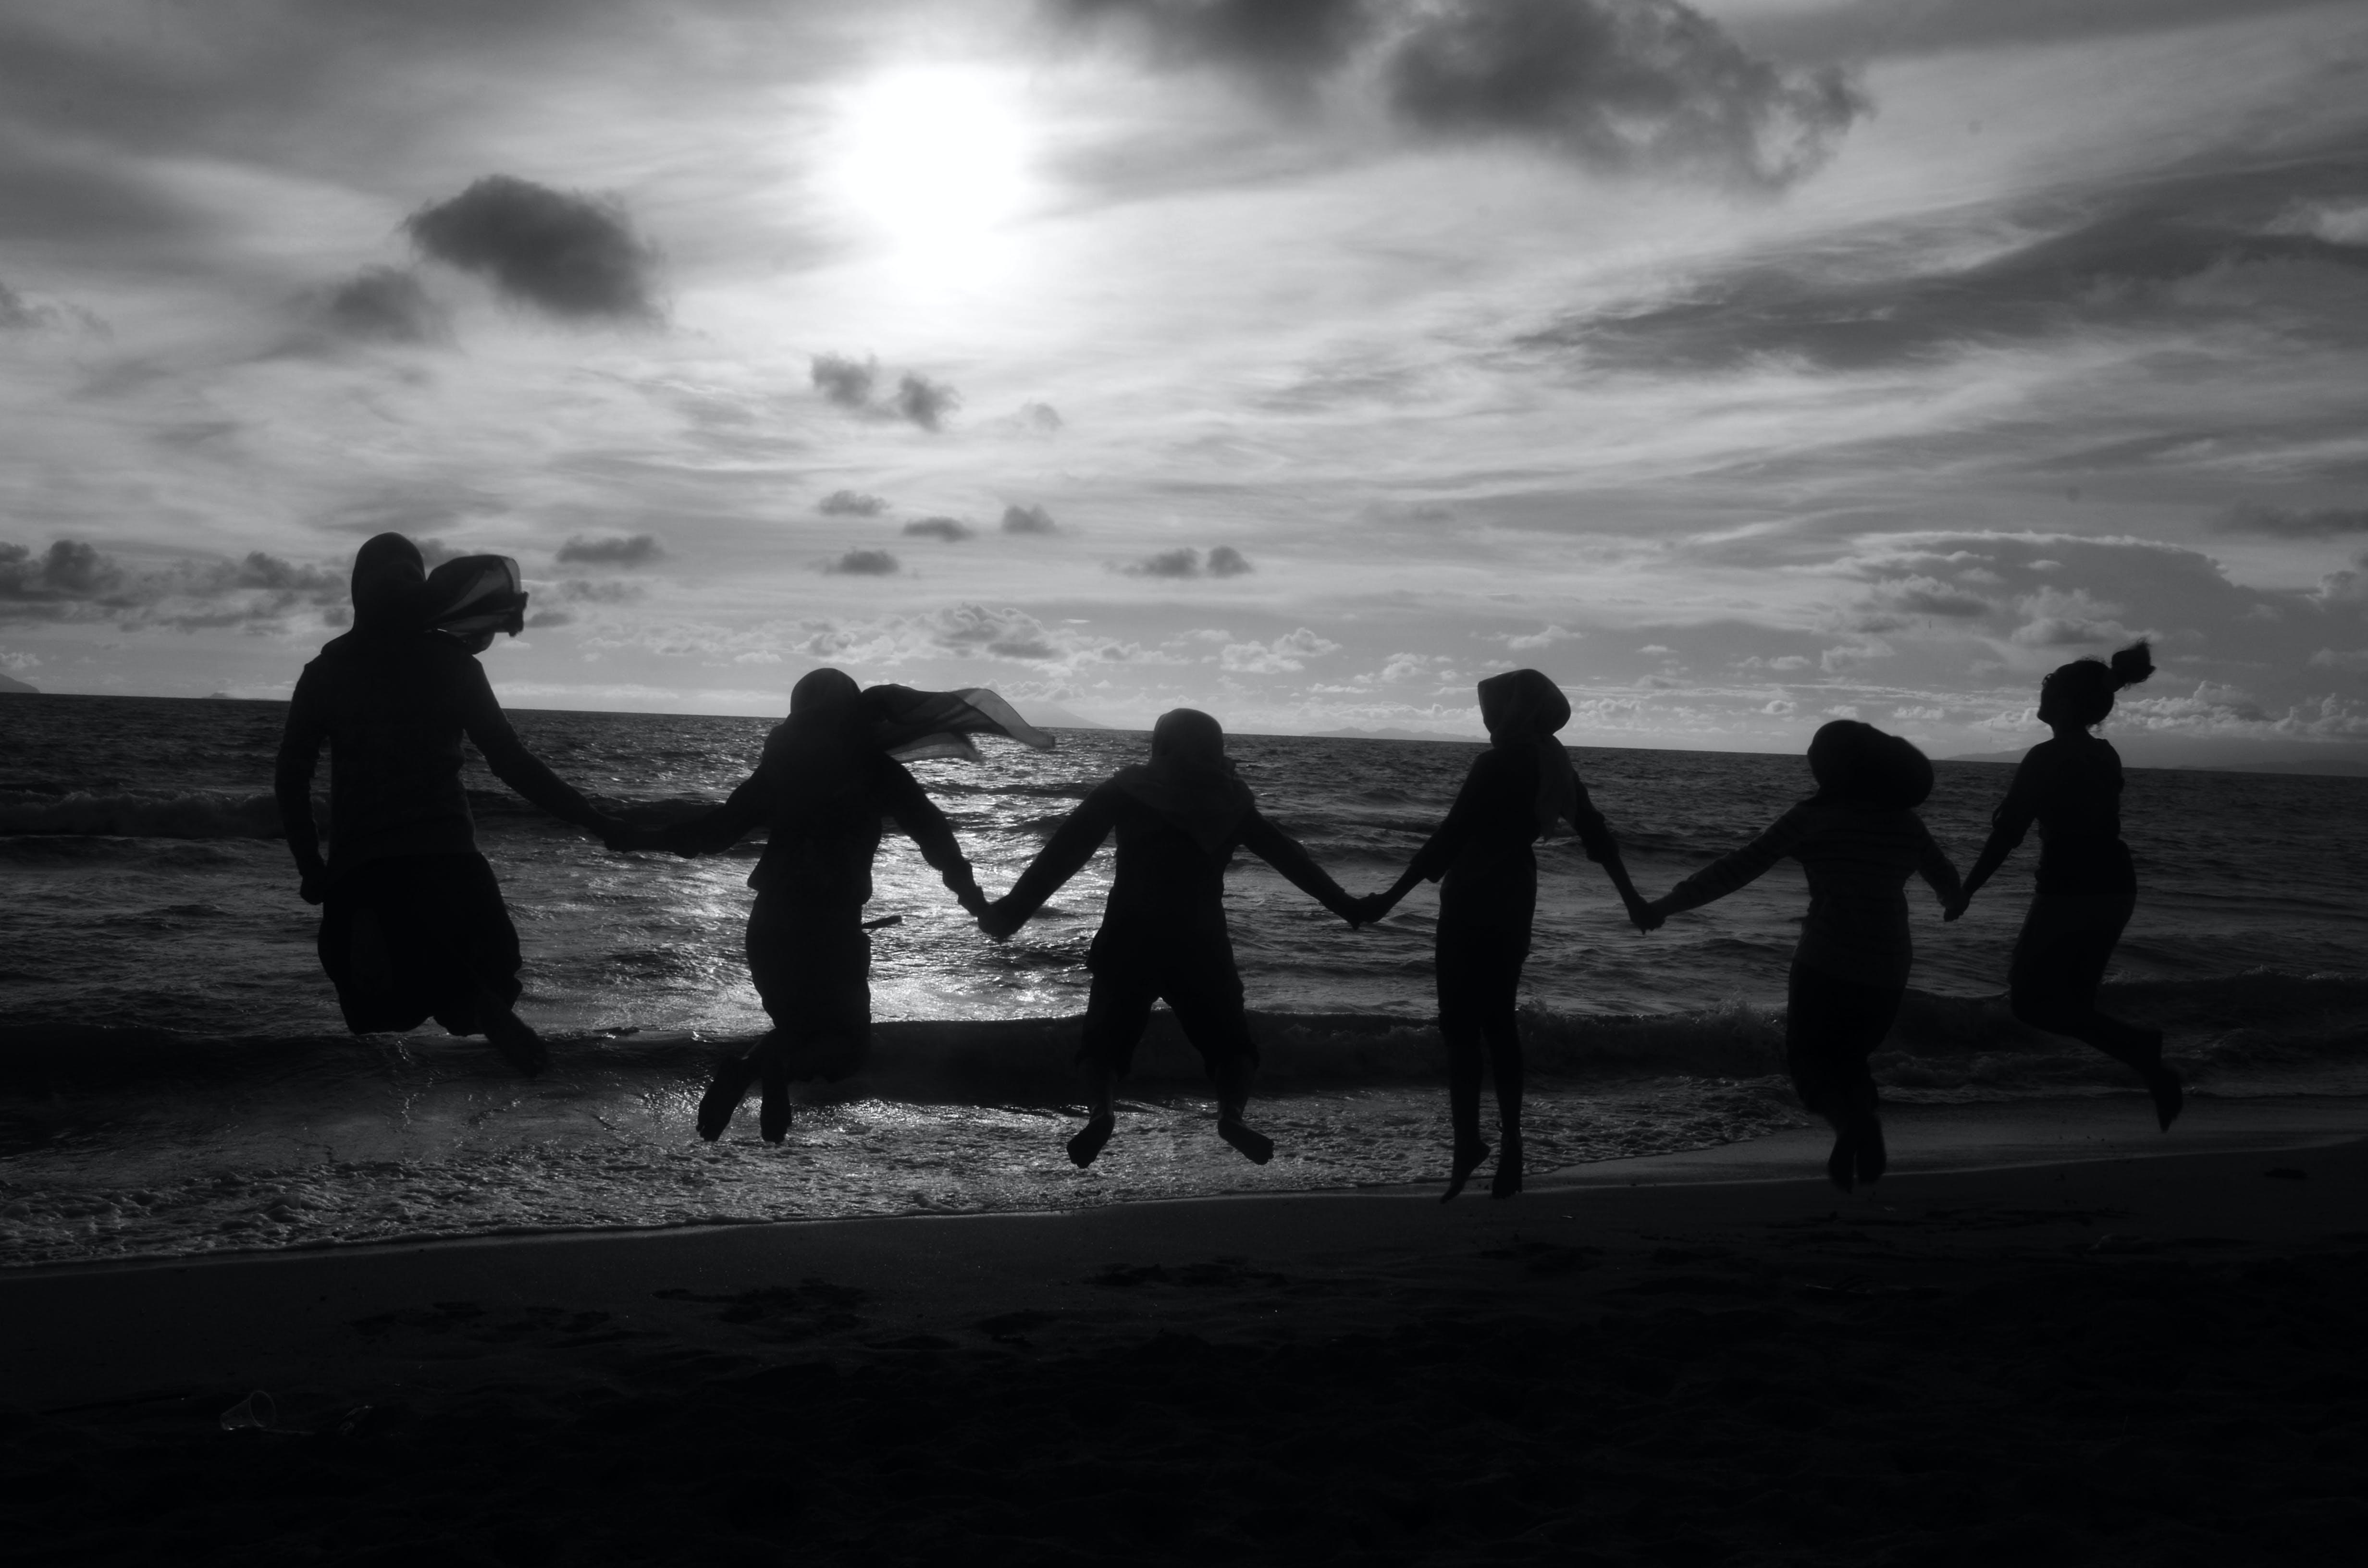 Gratis lagerfoto af folk, hav, lanscape, siluet